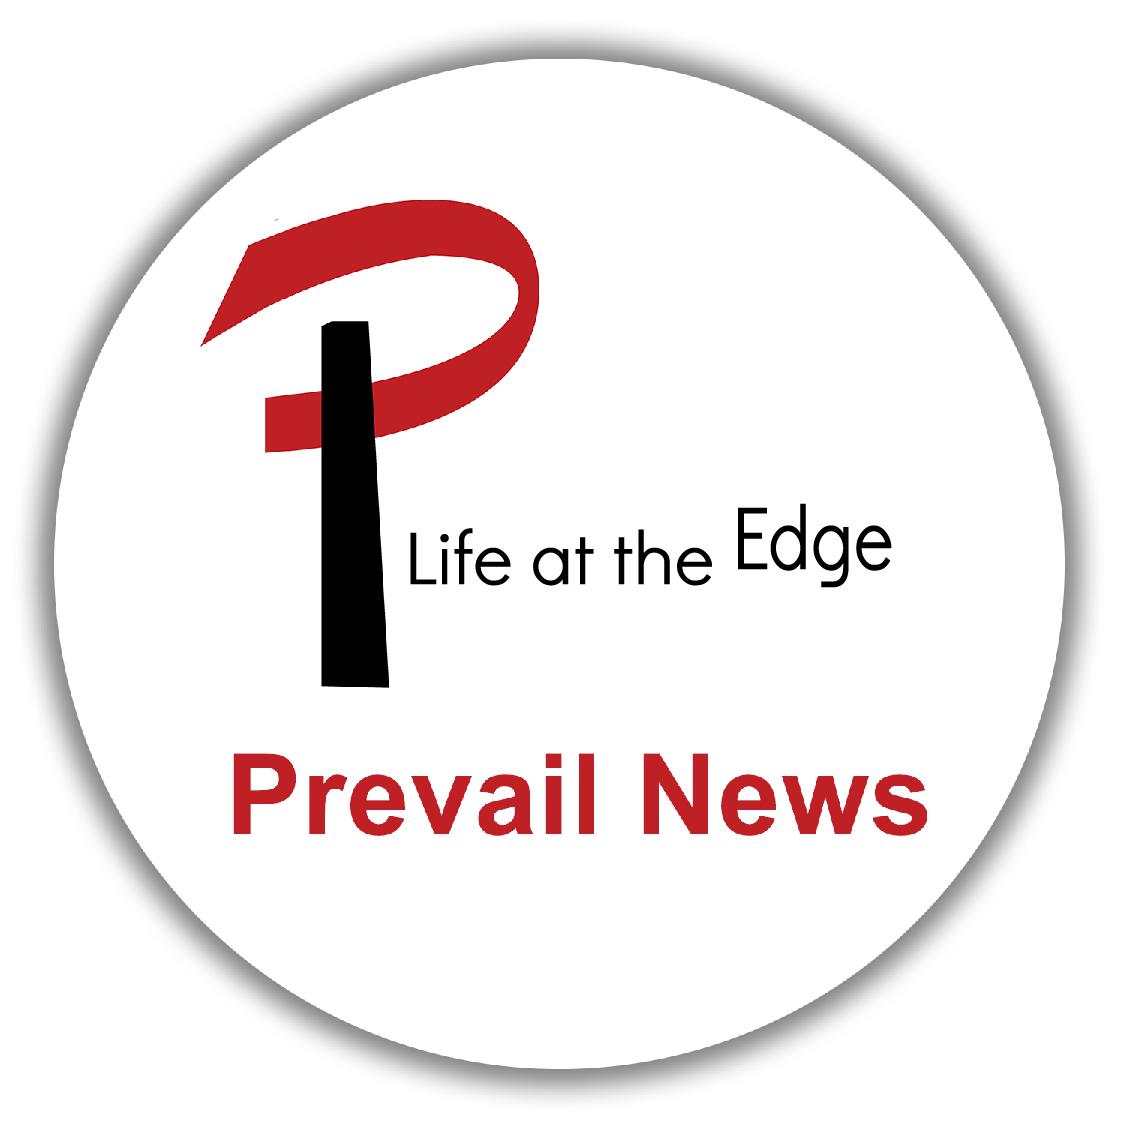 Prevail News